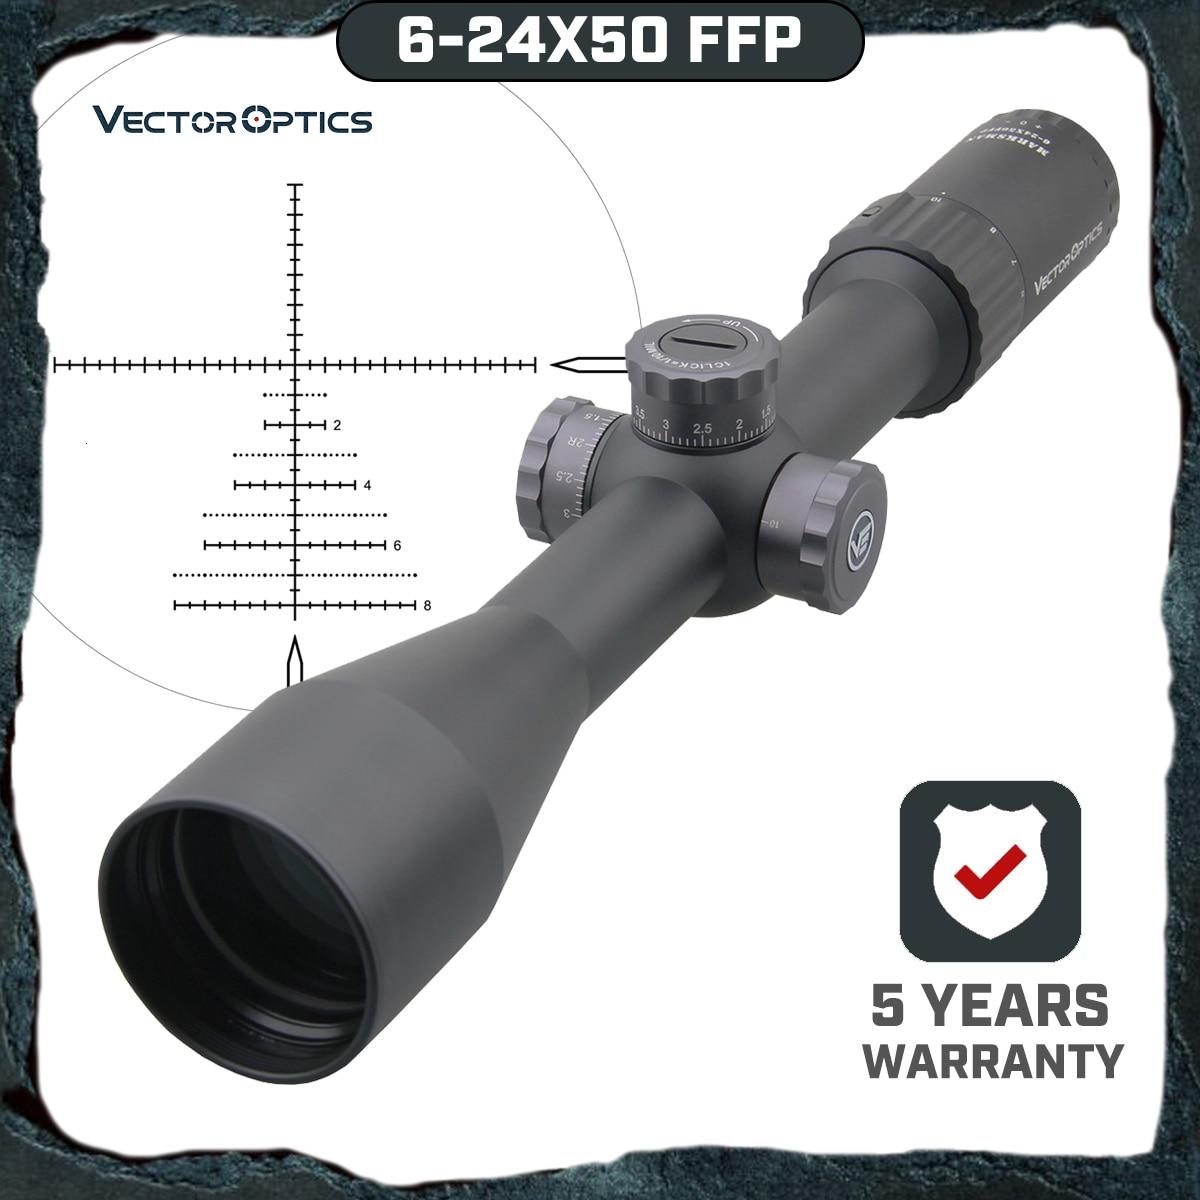 Vektör optik Marksman 6-24x50 FFP taktik tüfek 1/10 MIL Min odak 10 Yds İlk odak düzlemi avcılık tüfek kapsamı. 338 tur